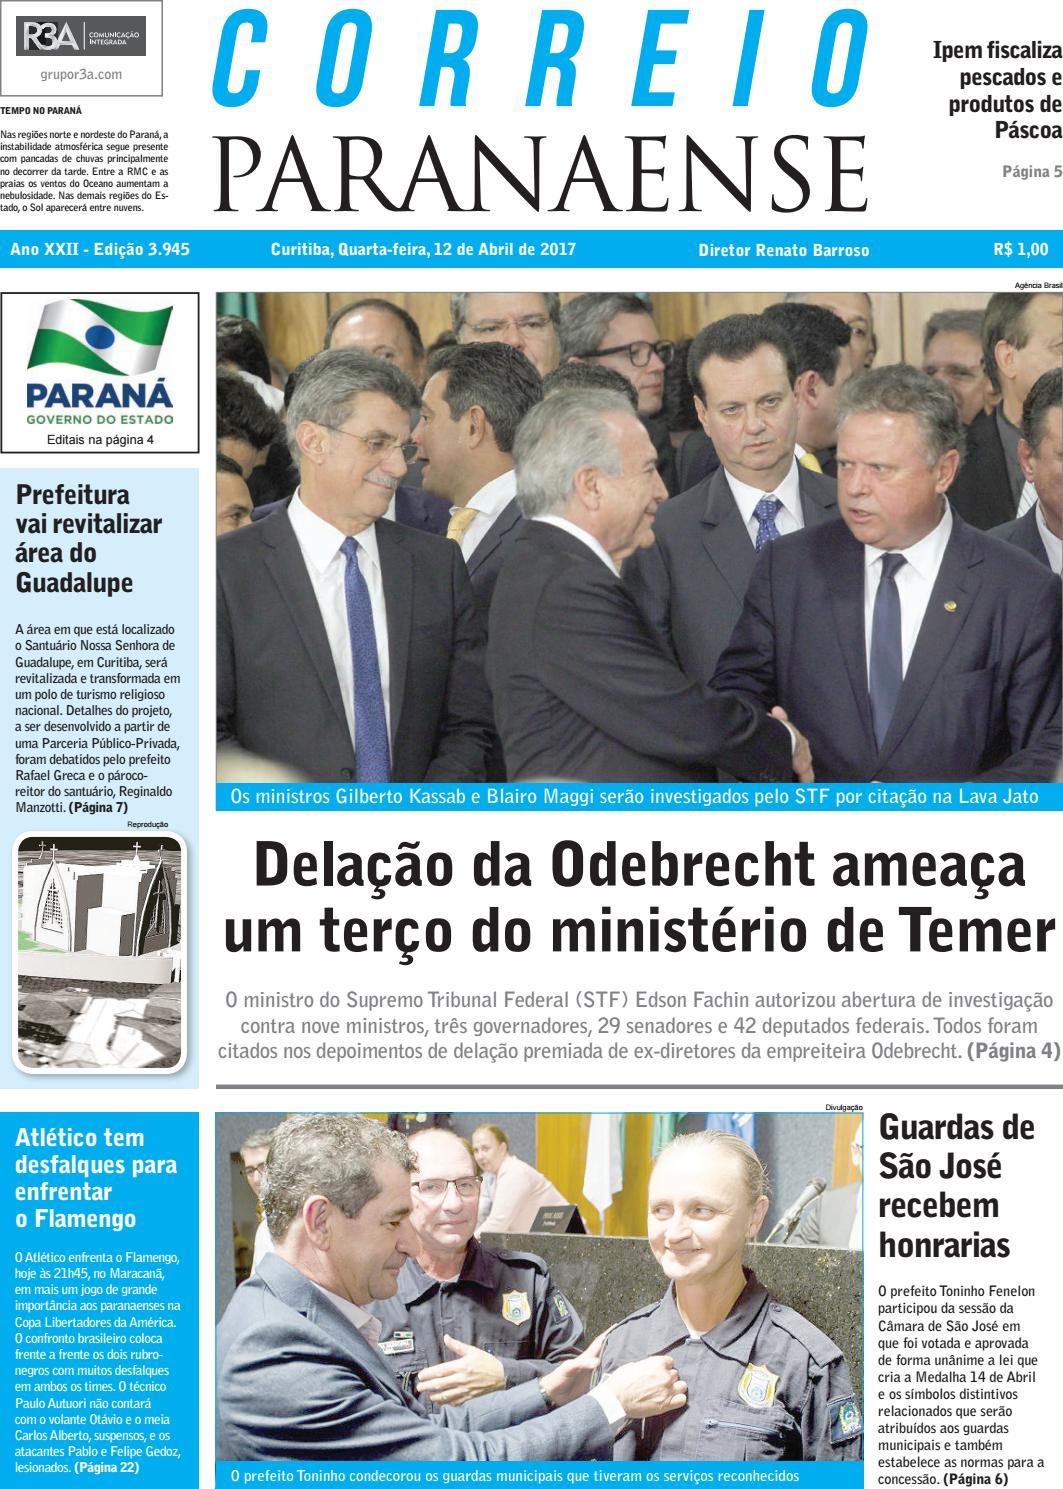 Correio Paranaense - Edição 12 04 2017 by Editora Correio Paranaense - issuu 3110a605bdee5